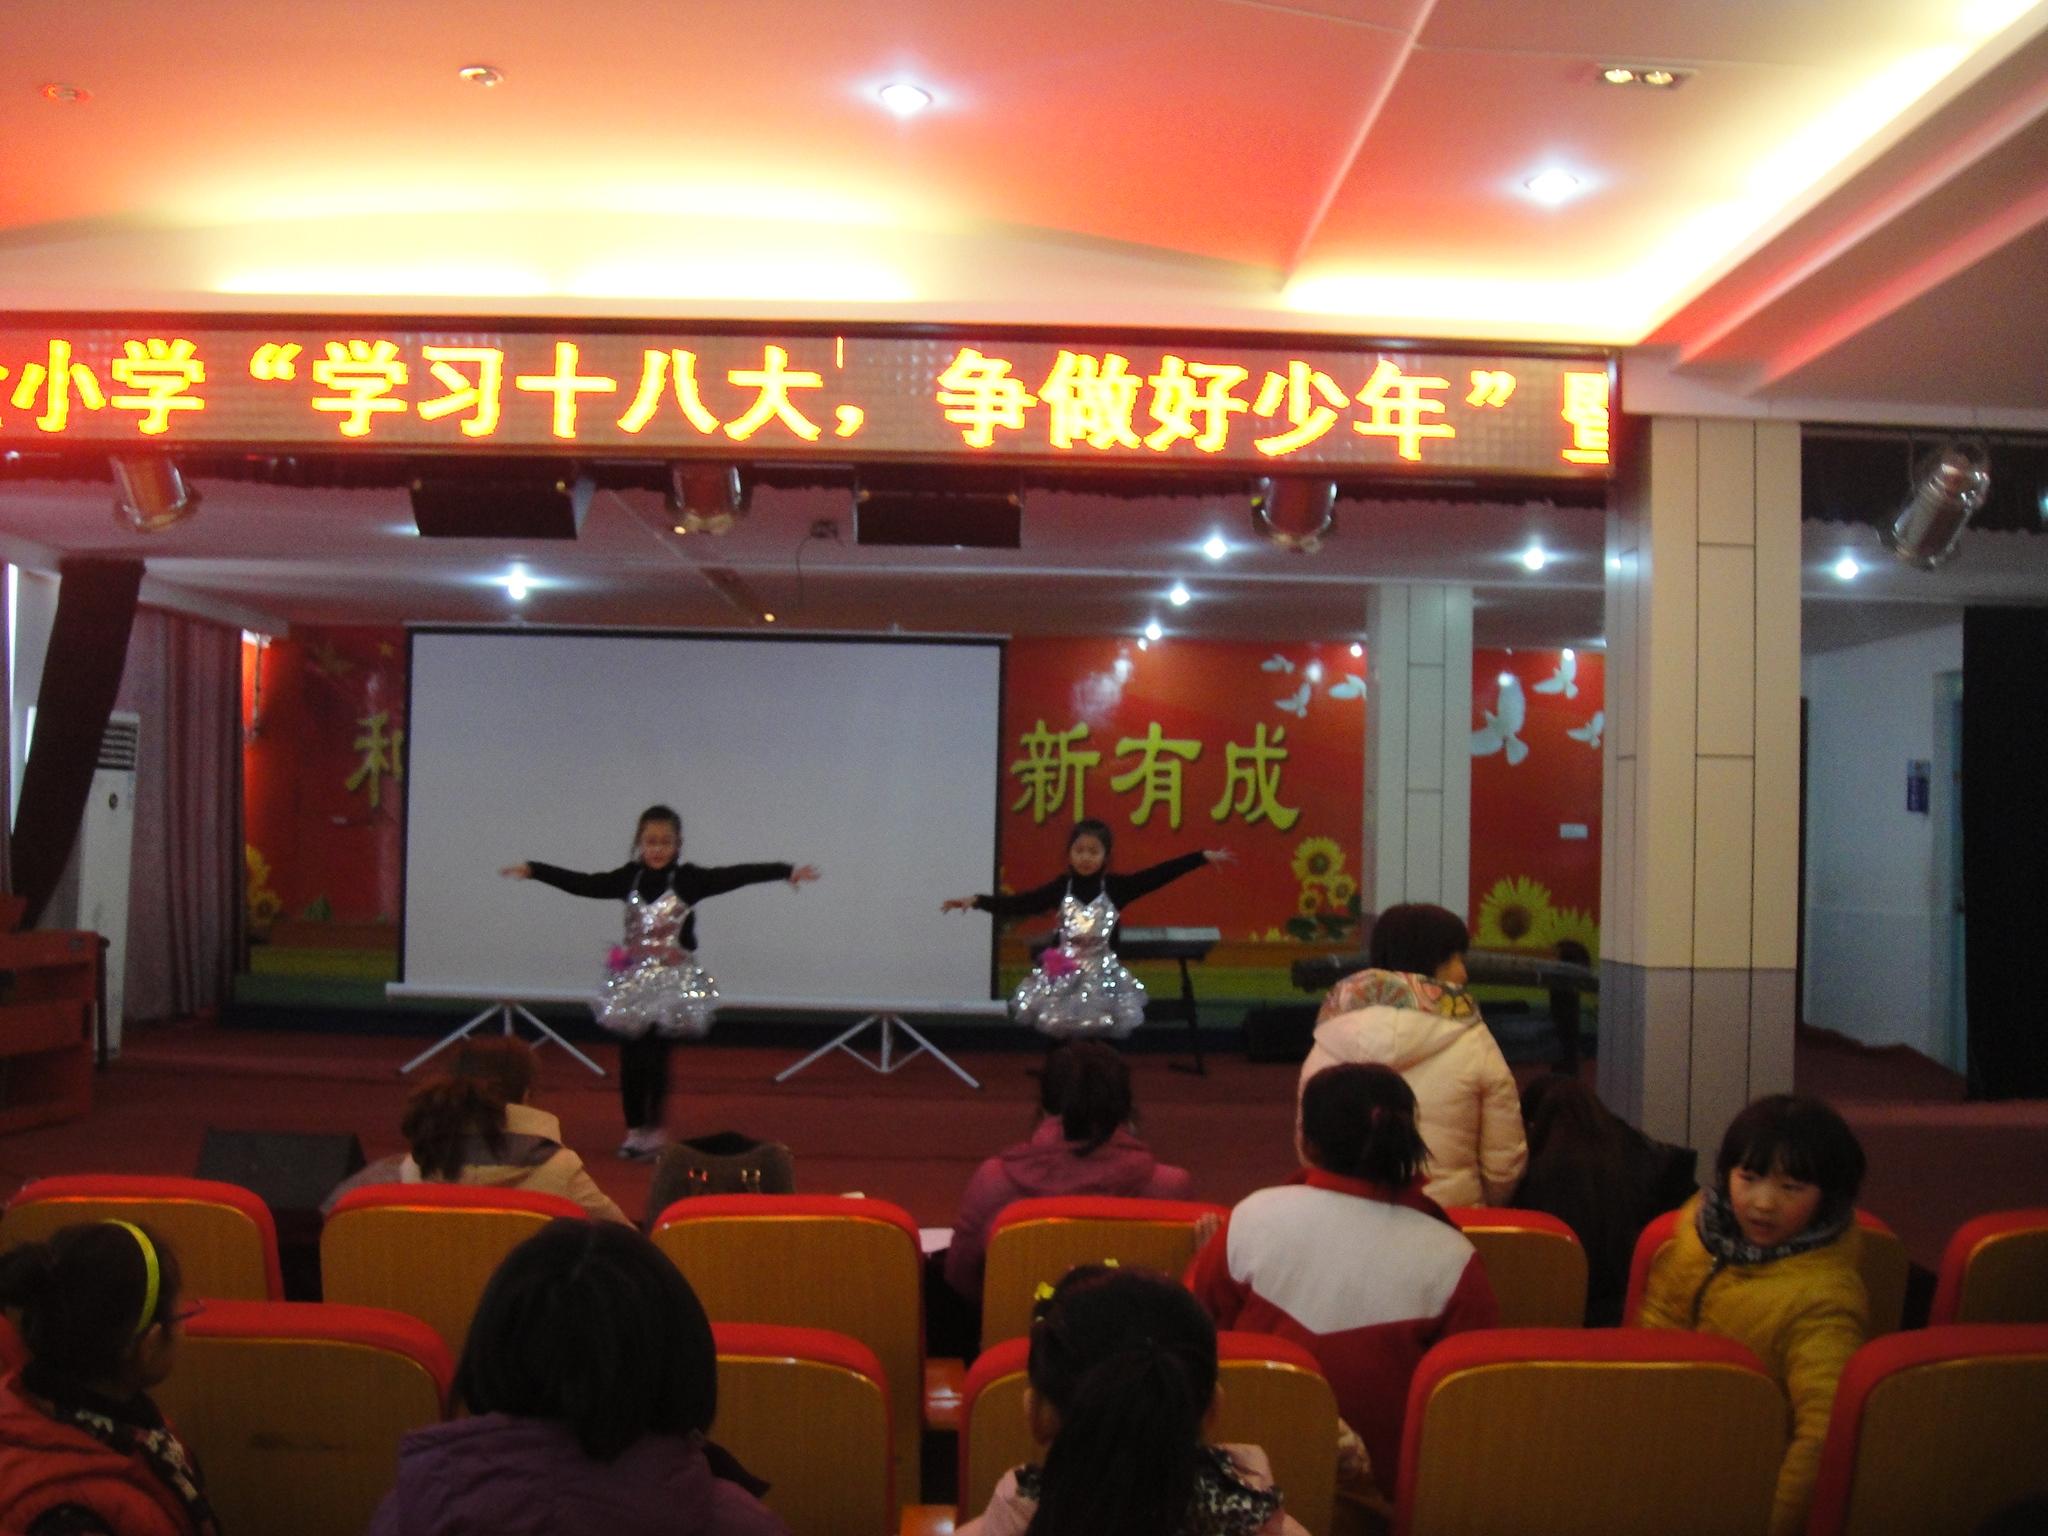 山东省阳谷县第二实验小学红领巾相约中国梦活动图片图片